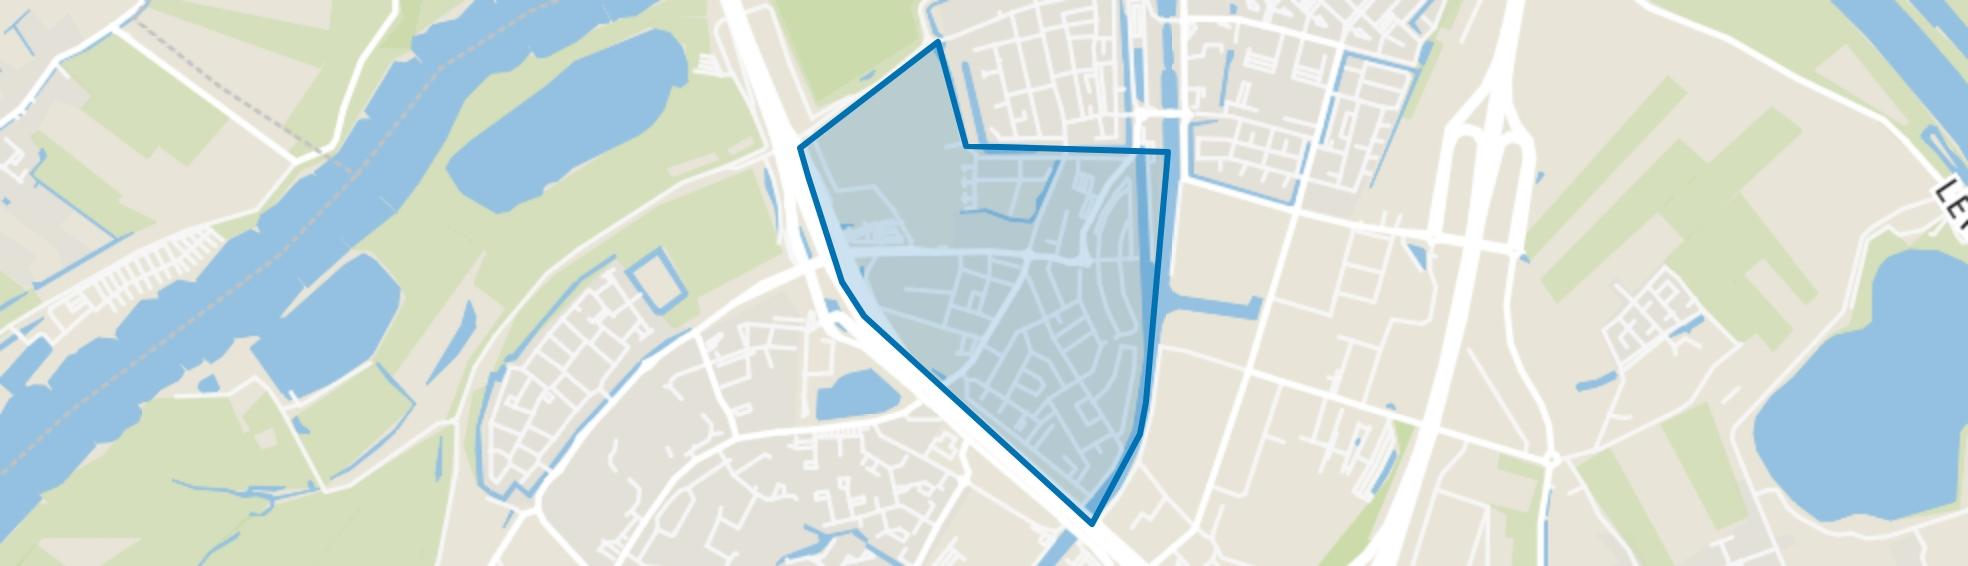 Zederik, Vianen (UT) map